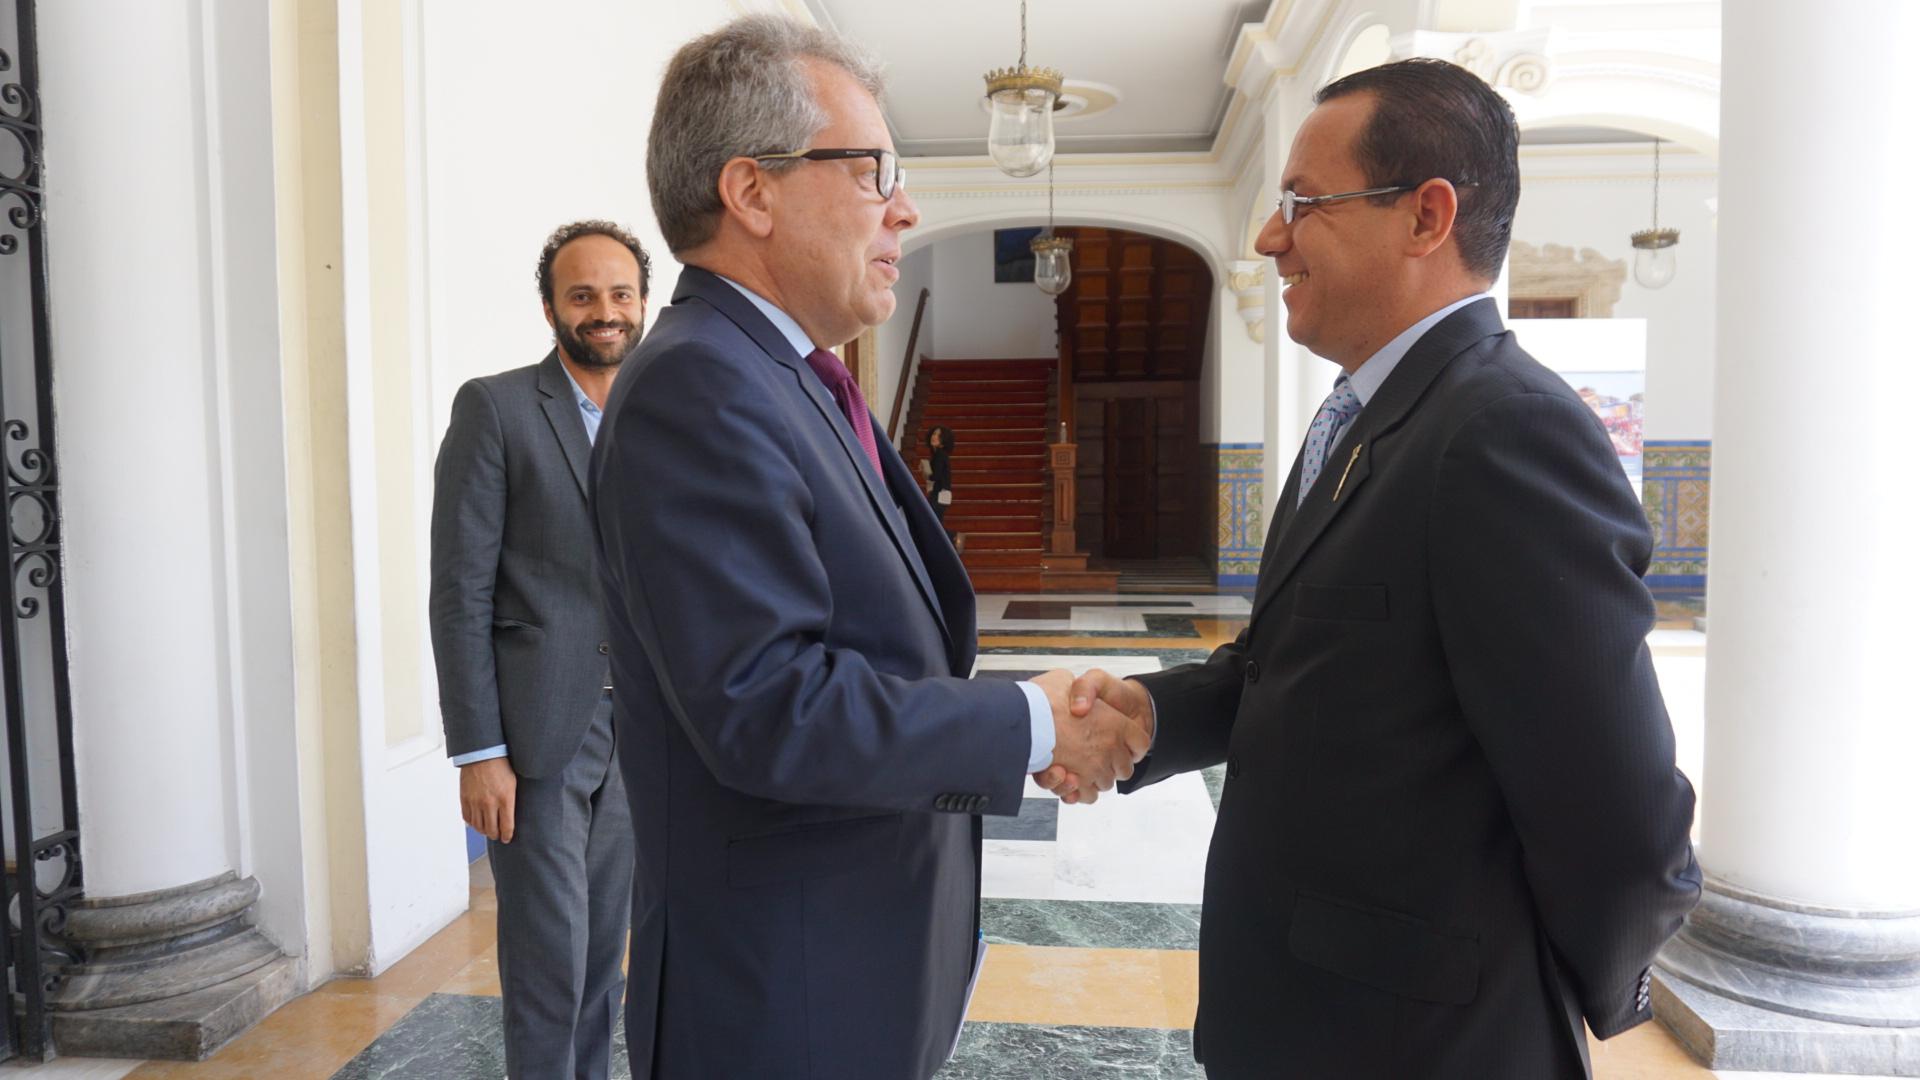 Reunión entre el Viceministro Yánez y representantes de la ONU en Venezuela para dar seguimiento a los planes de cooperación